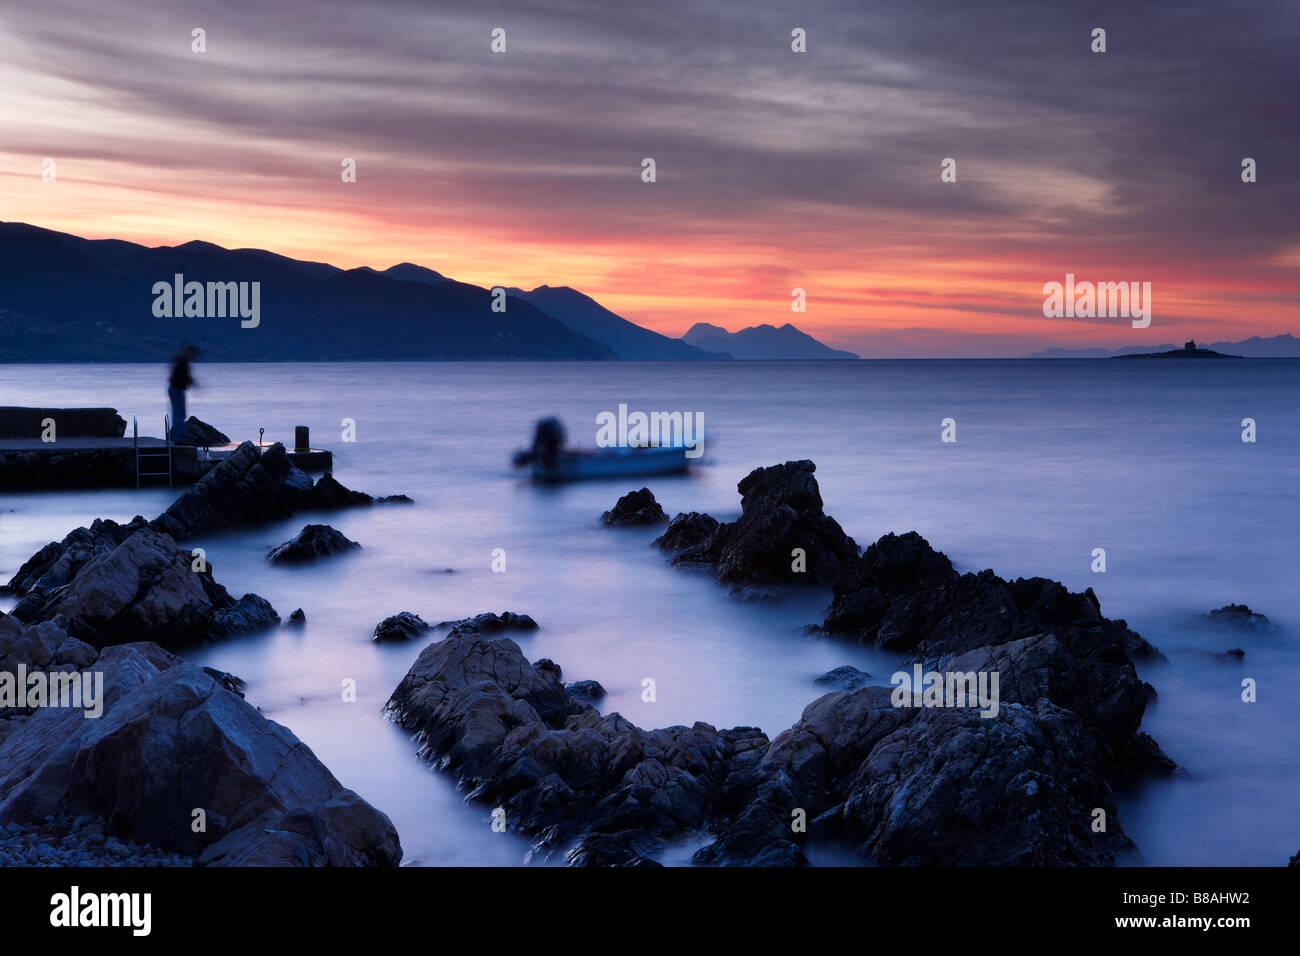 Orebić at dawn, Pelješac Peninsula, Dalmatia, Croatia - Stock Image